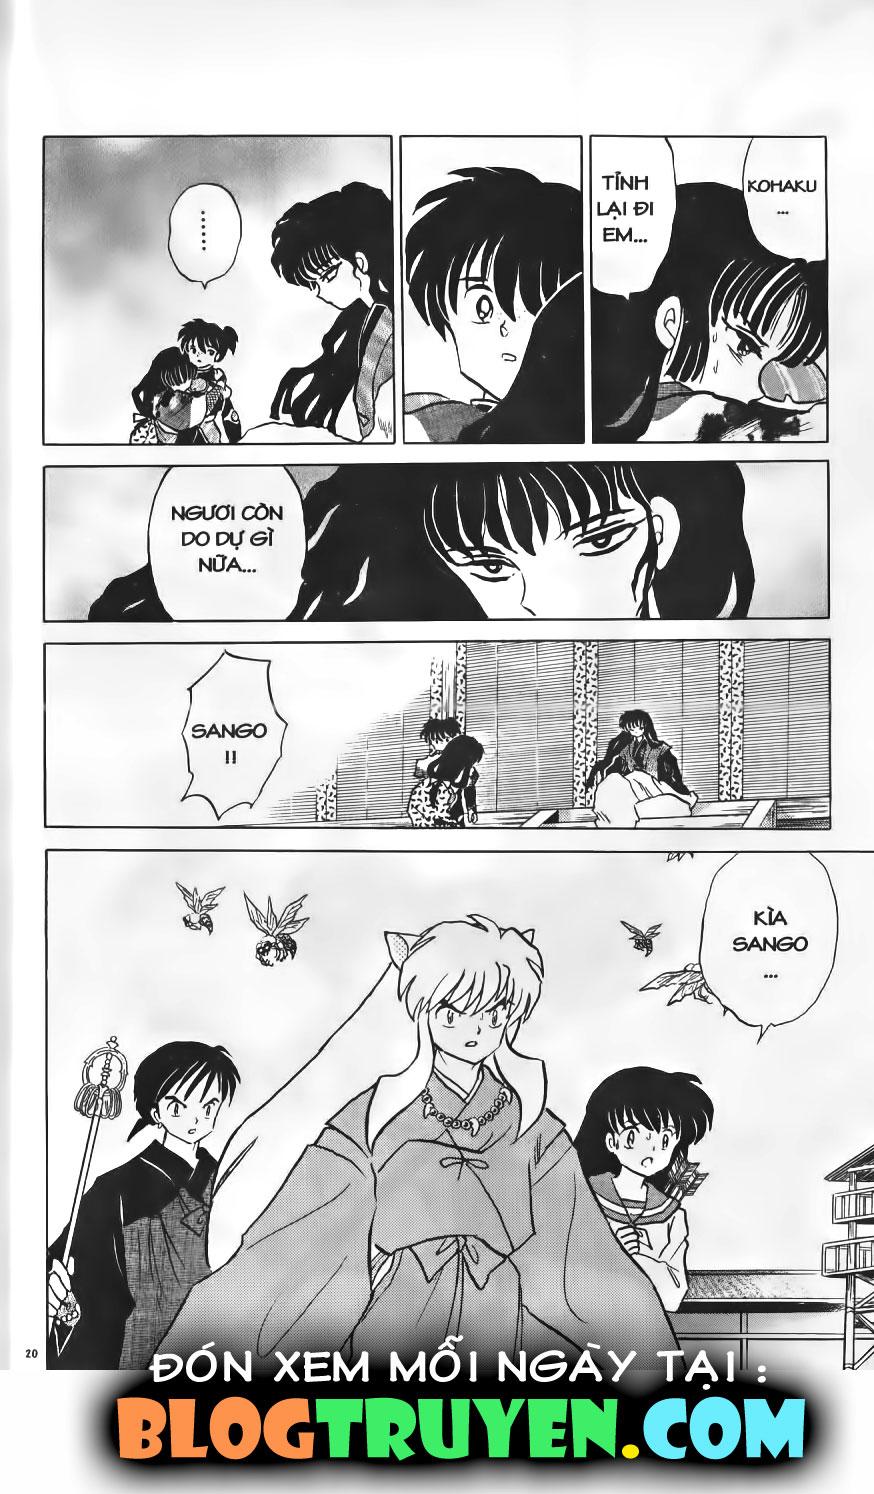 Inuyasha vol 12.1 trang 20